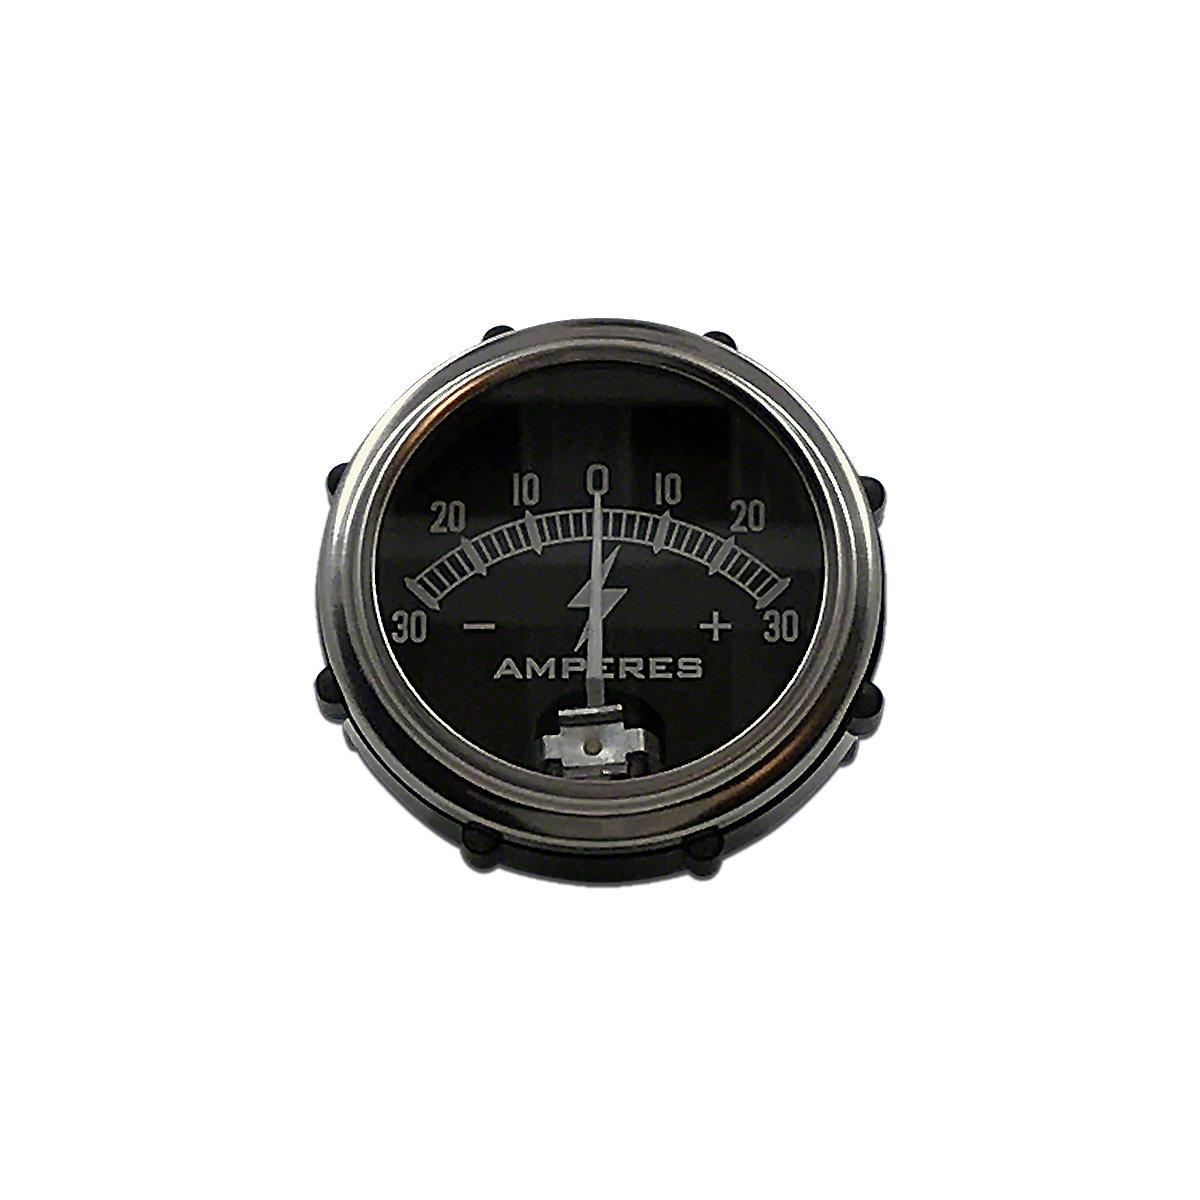 ABC109Ammeter Gauge (30-0-30)